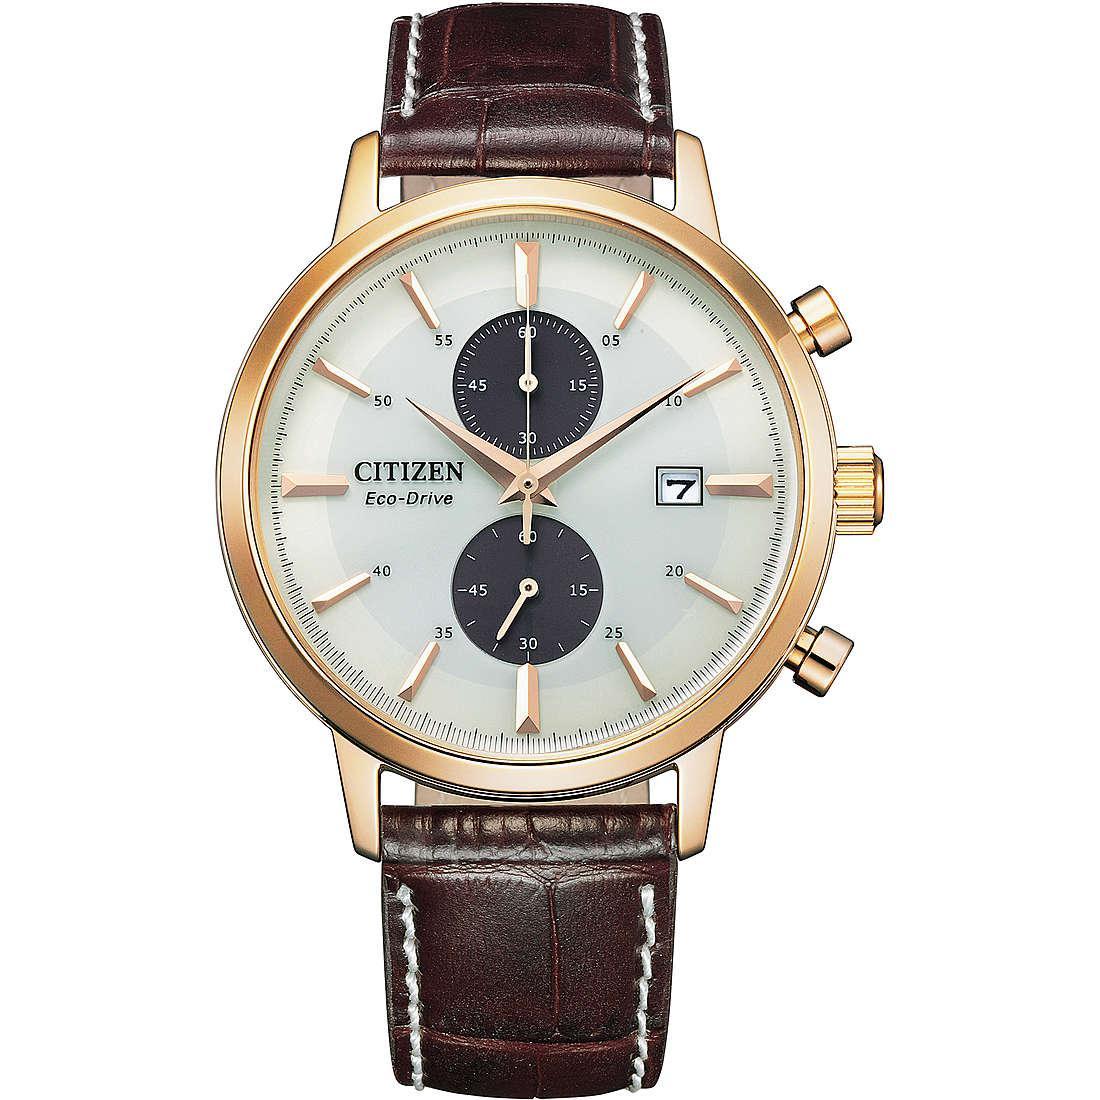 Orologio cronografo uomo citizen classic ca7063 12a